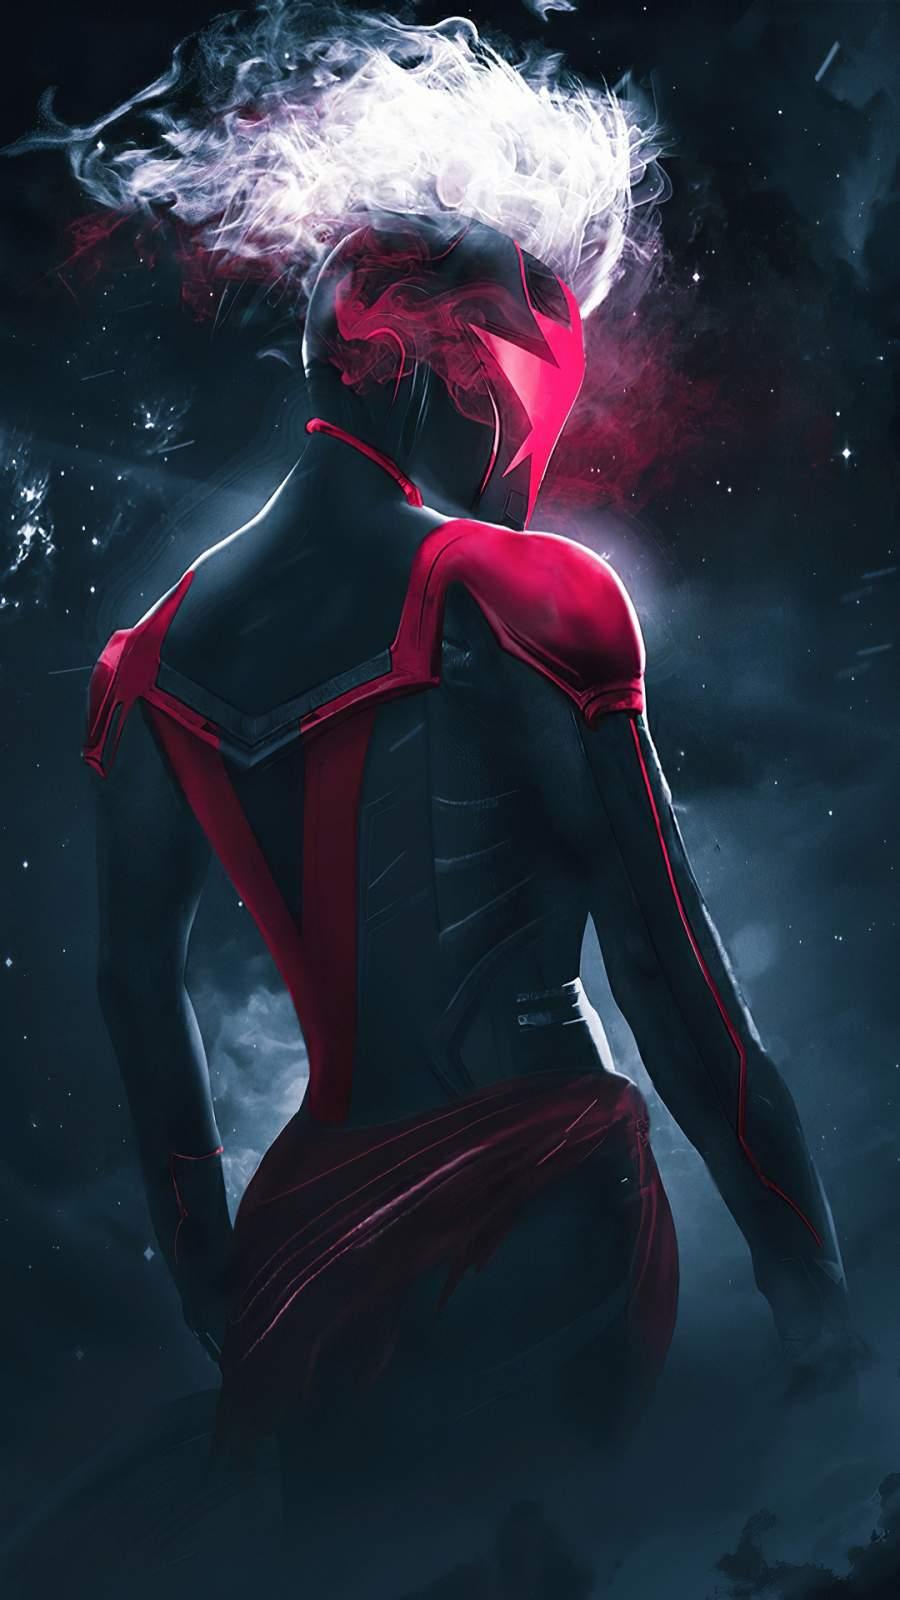 Captain Marvel Concept Art mobile Wallpaper